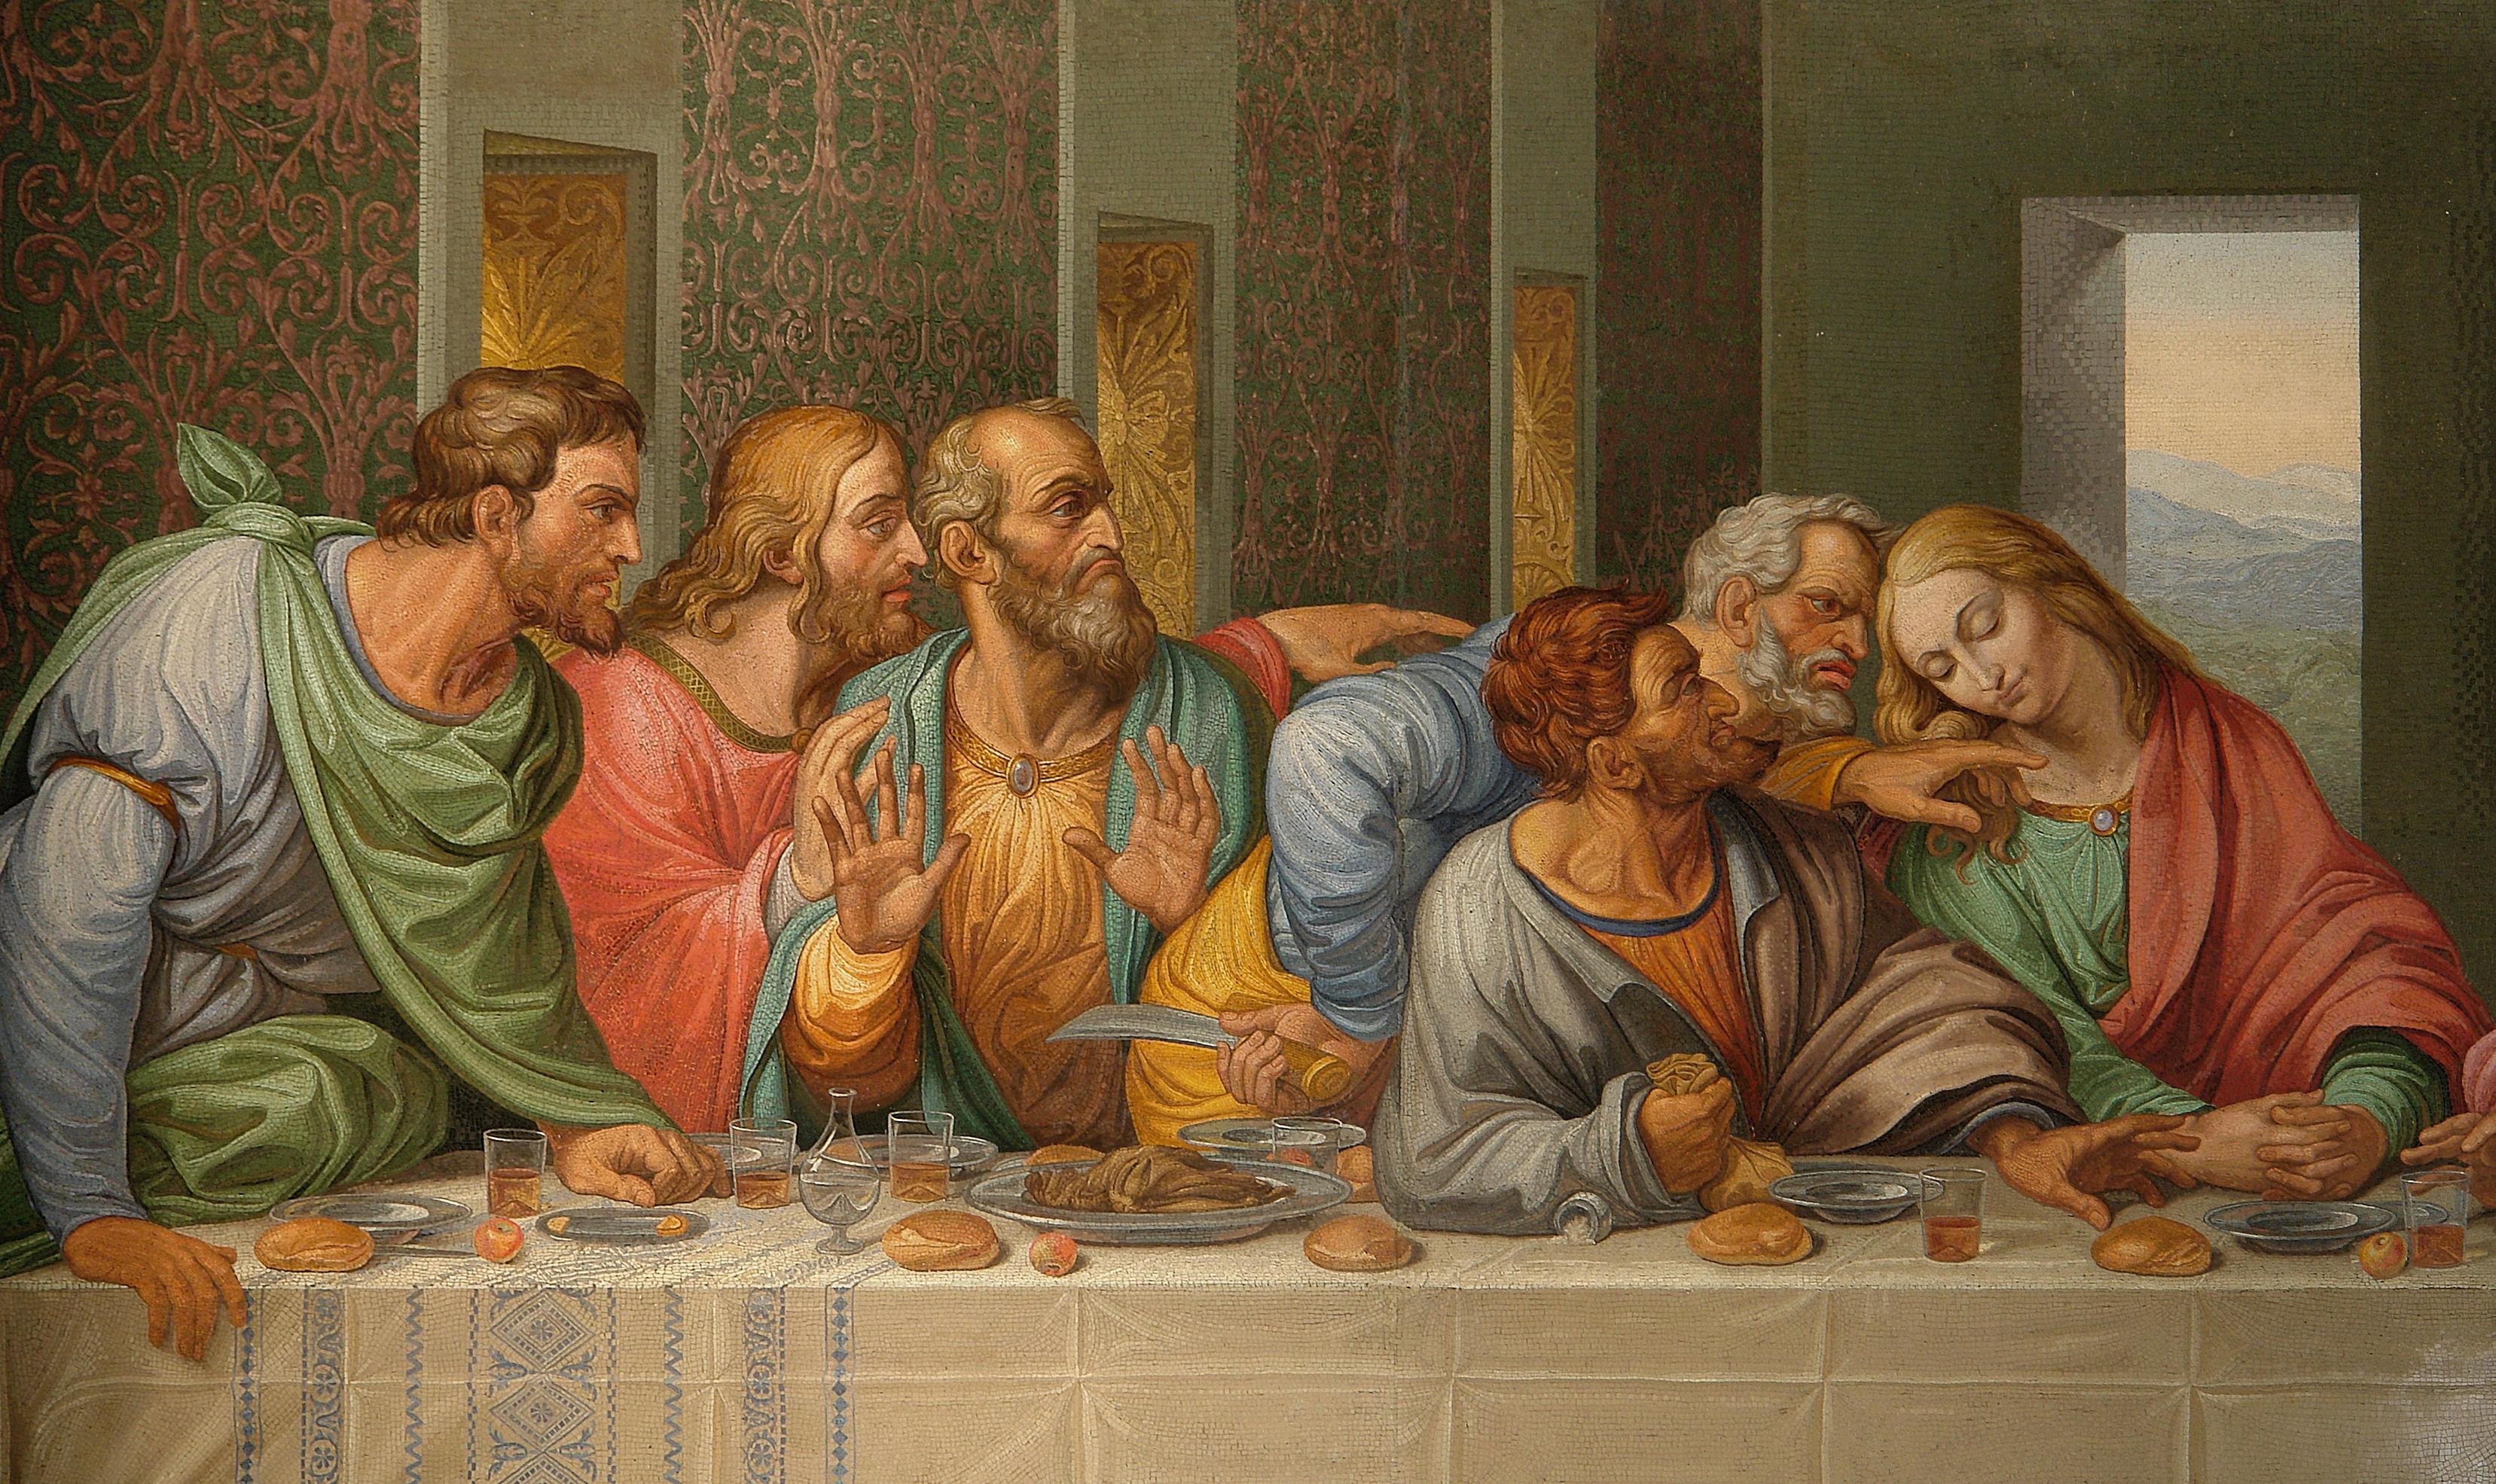 Леонардо да винчи тайная вечеря где находится картина